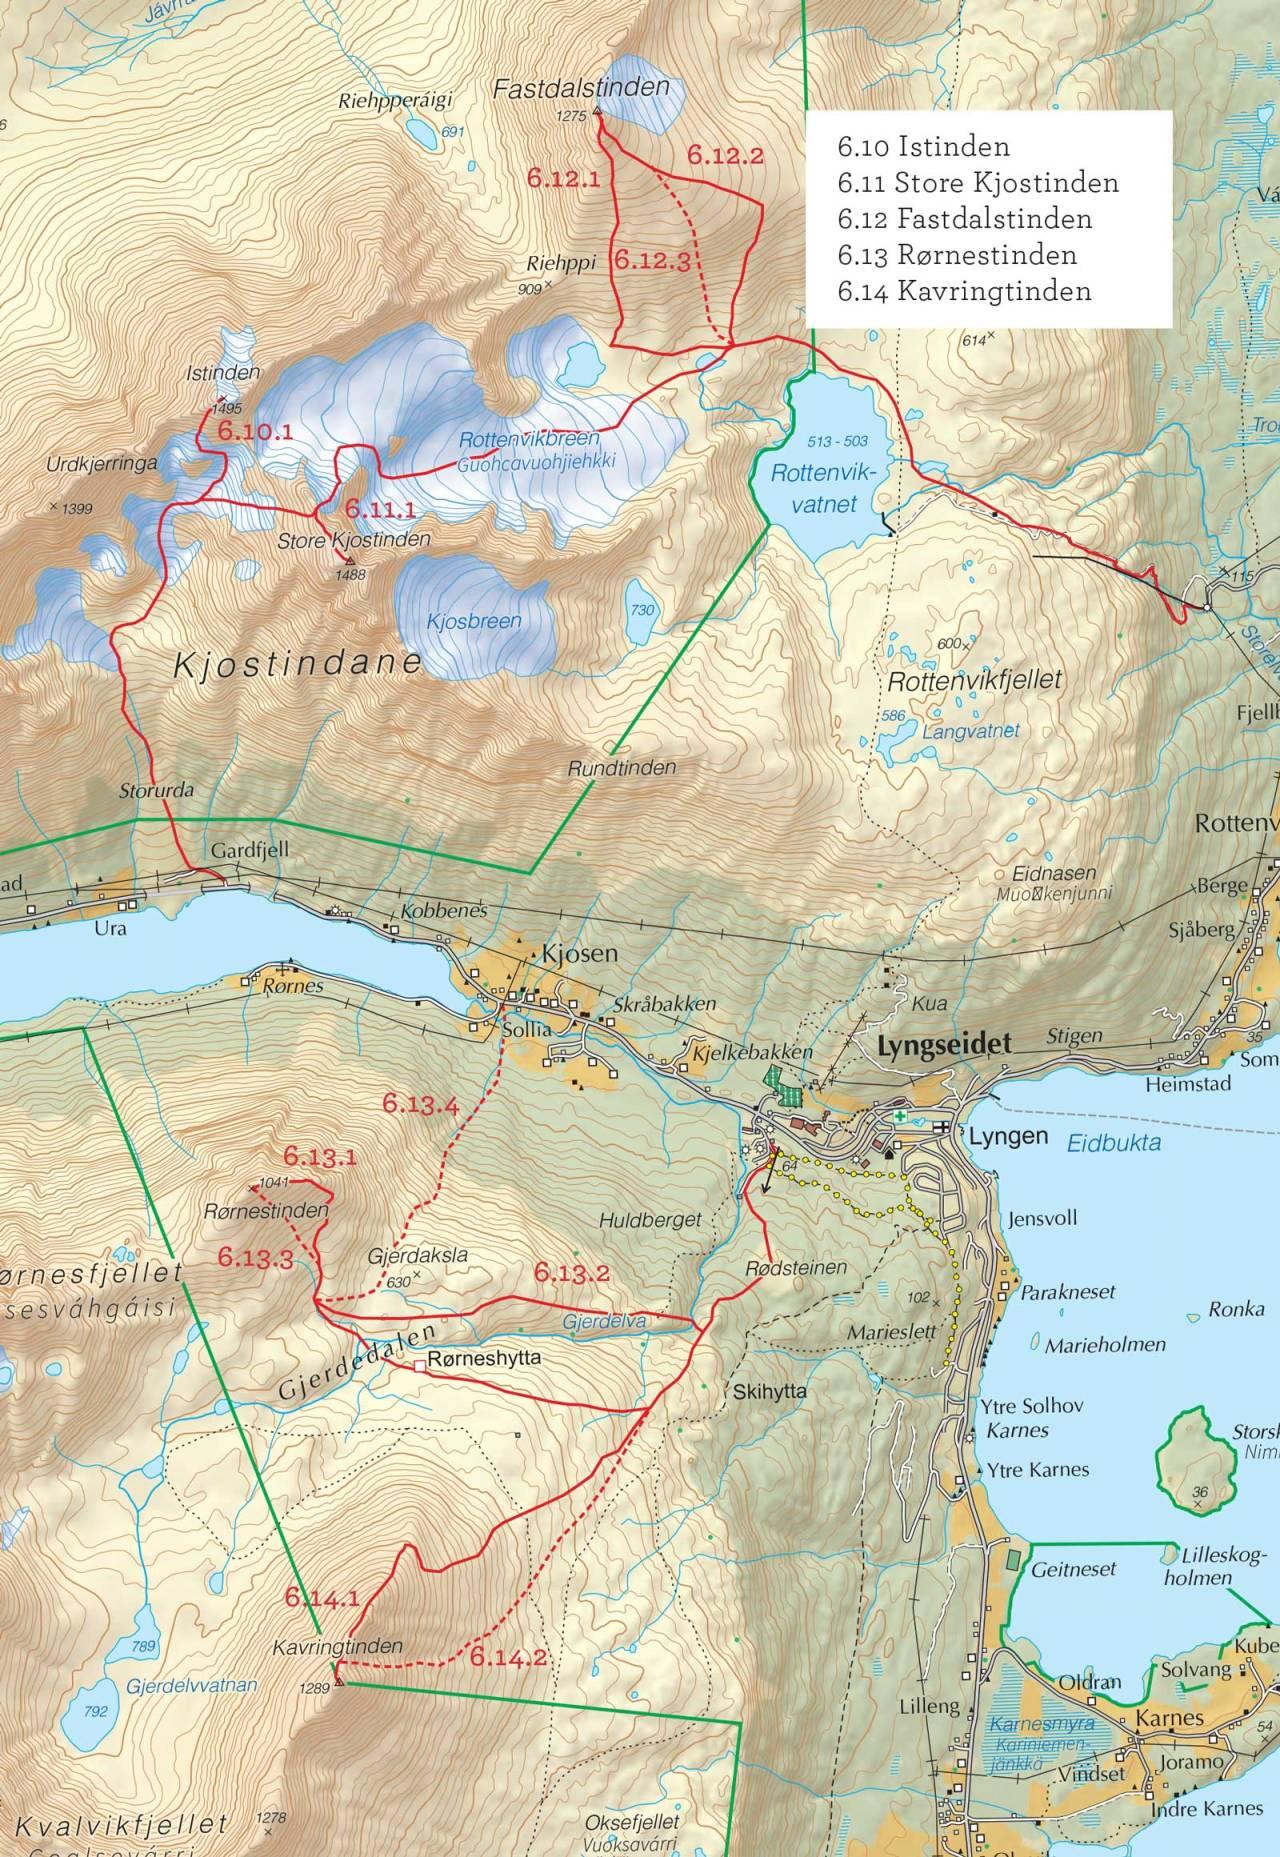 Oversiktskart over Rørnestinden med inntegnet rute. Fra Toppturer i Troms.